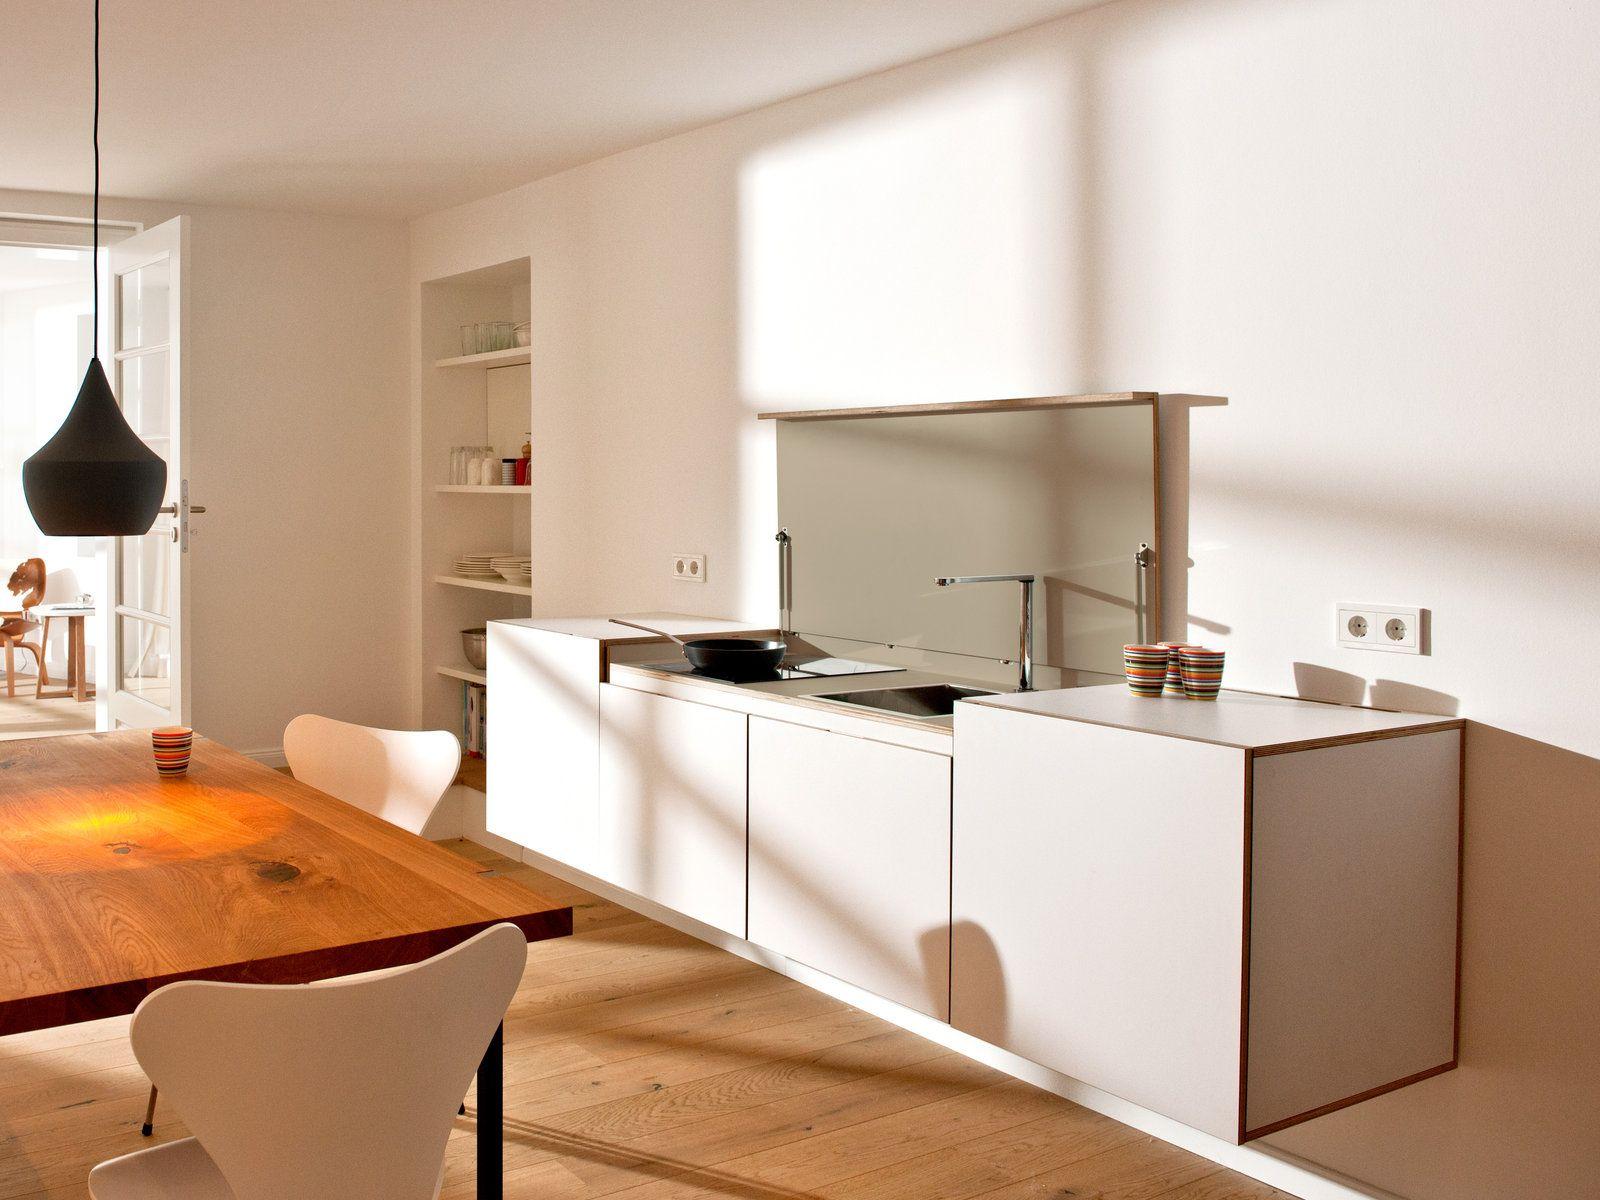 Miniki Design Kitchen Mini Kitchen Modular Kitchen  Miniki Inspiration Compact Modular Kitchen Designs Inspiration Design